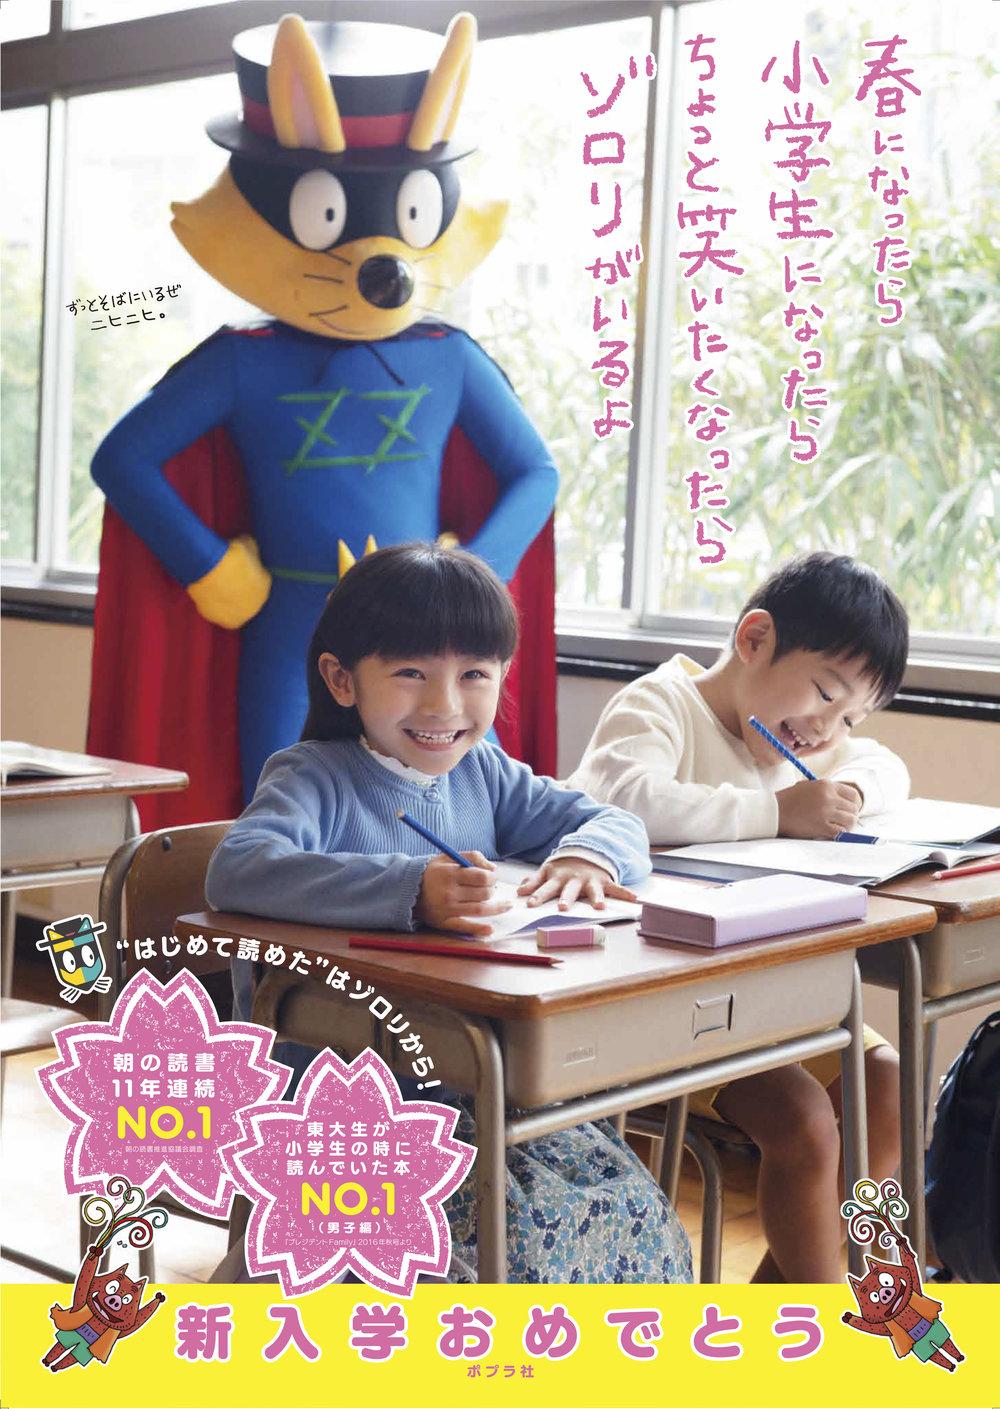 pop_haruzorori_poster_03.jpg